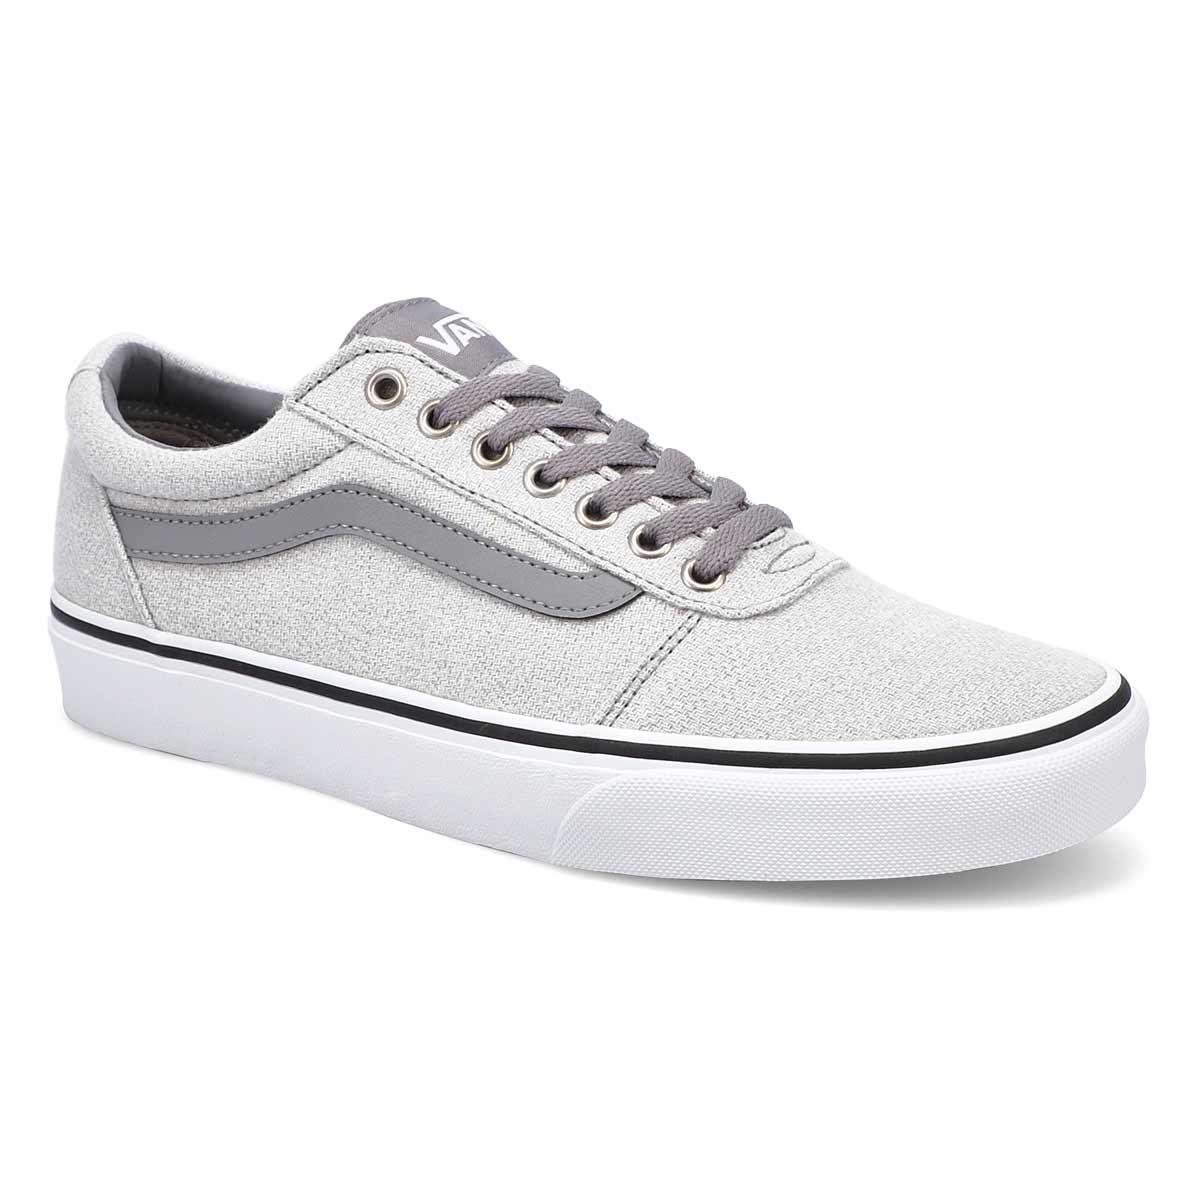 Men's Ward Sneaker - Frost Gray/White